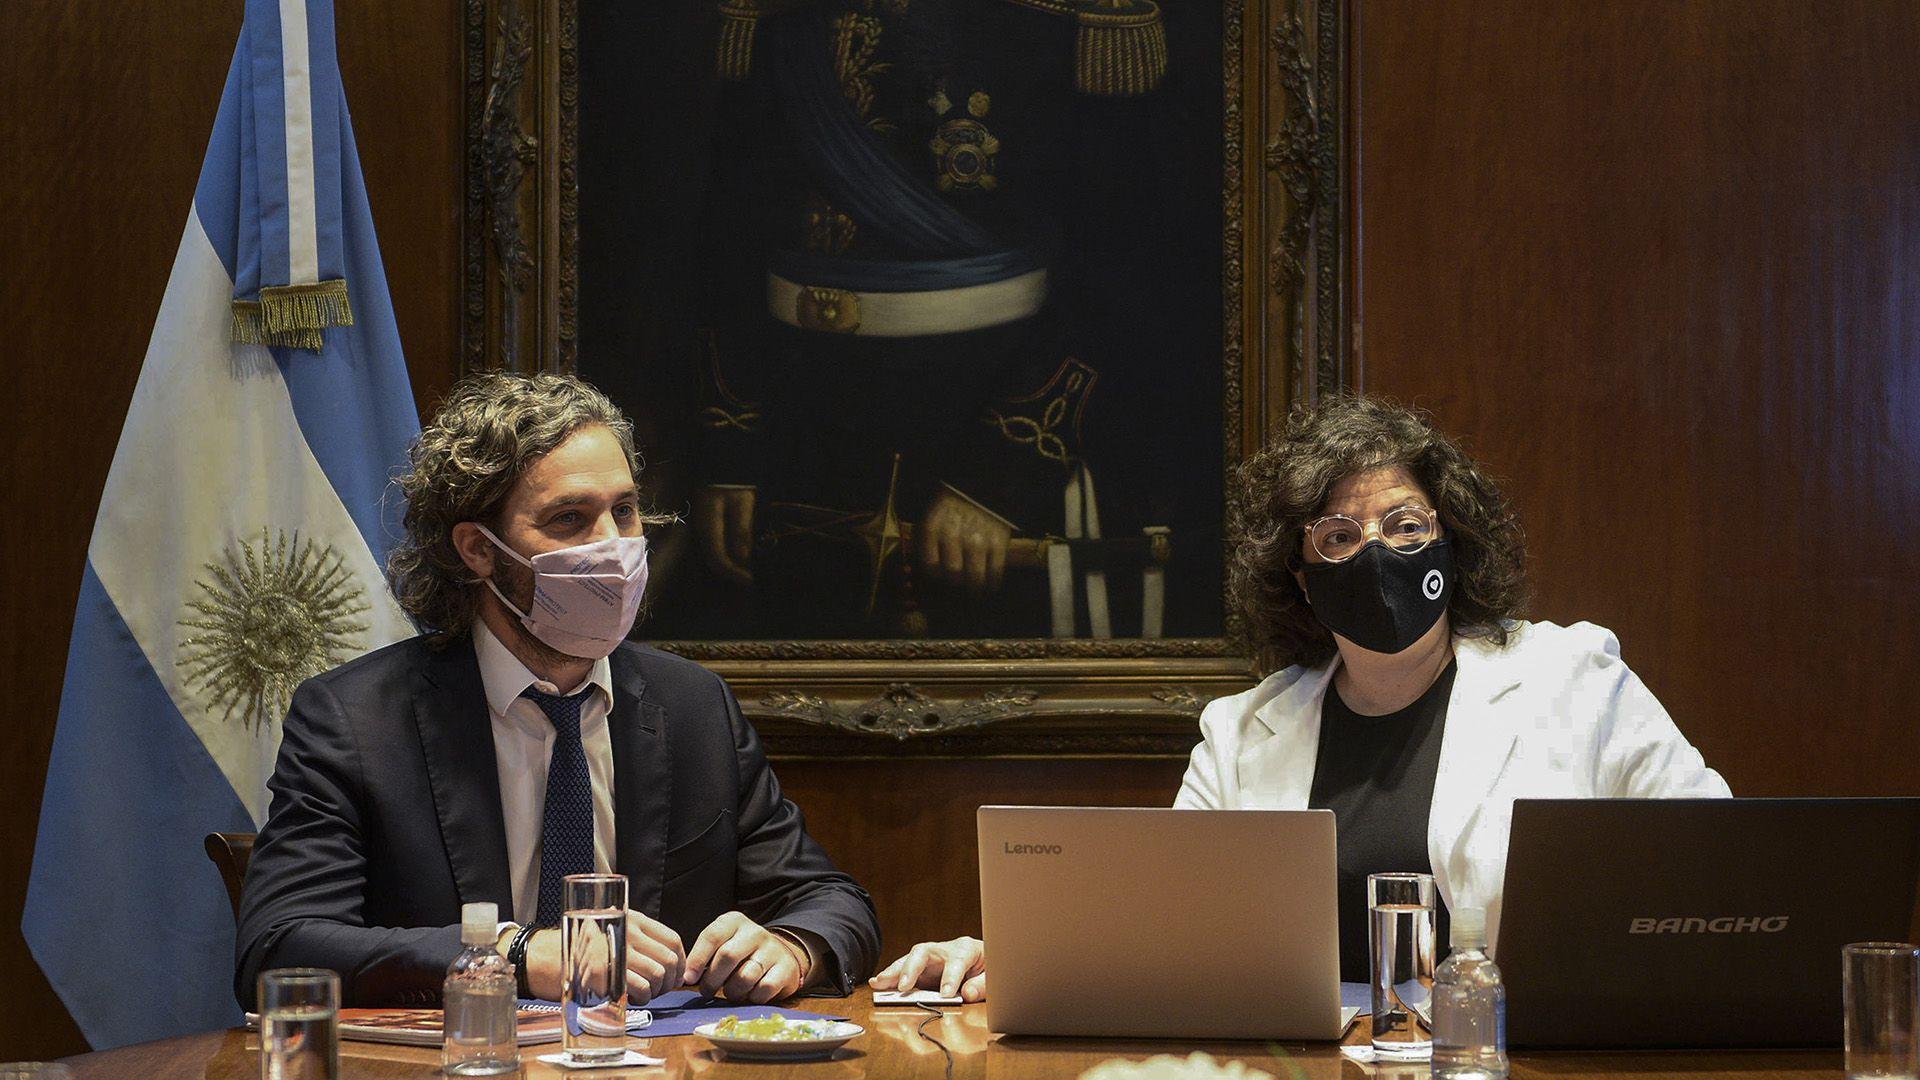 Comenzó la reunión del COFESA con todos los ministros de Salud del país. Participan el jefe de Gabinete, Santiago Cafiero, y la ministra de Salud, Carla Vizzotti